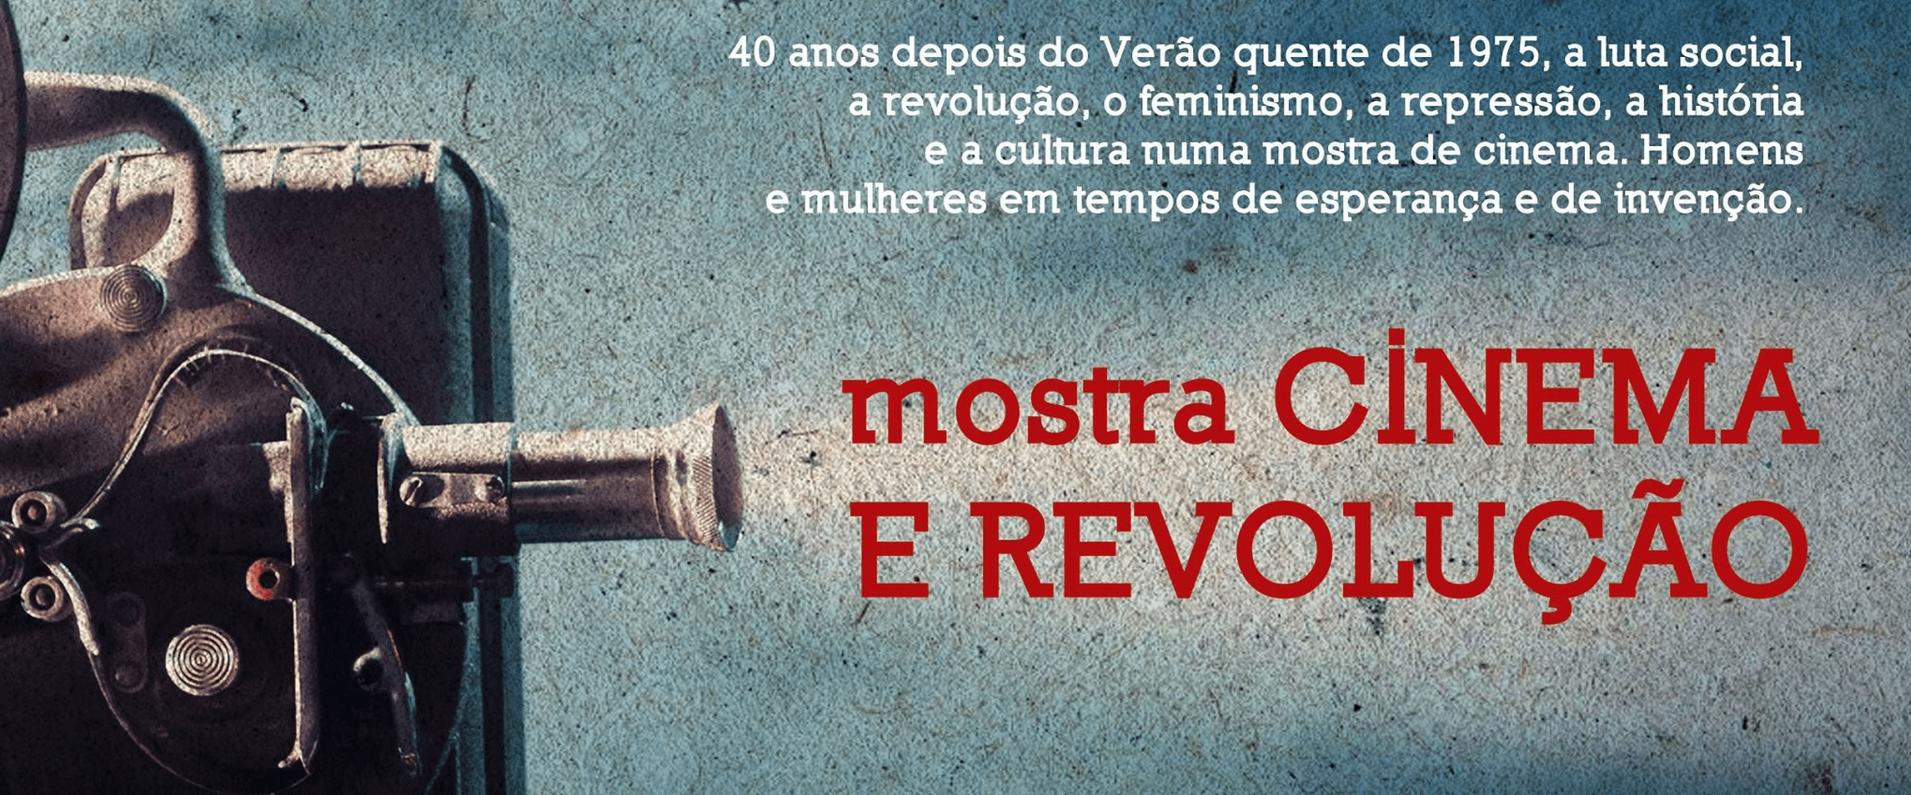 ciclo cinema e revolcao 2015_1